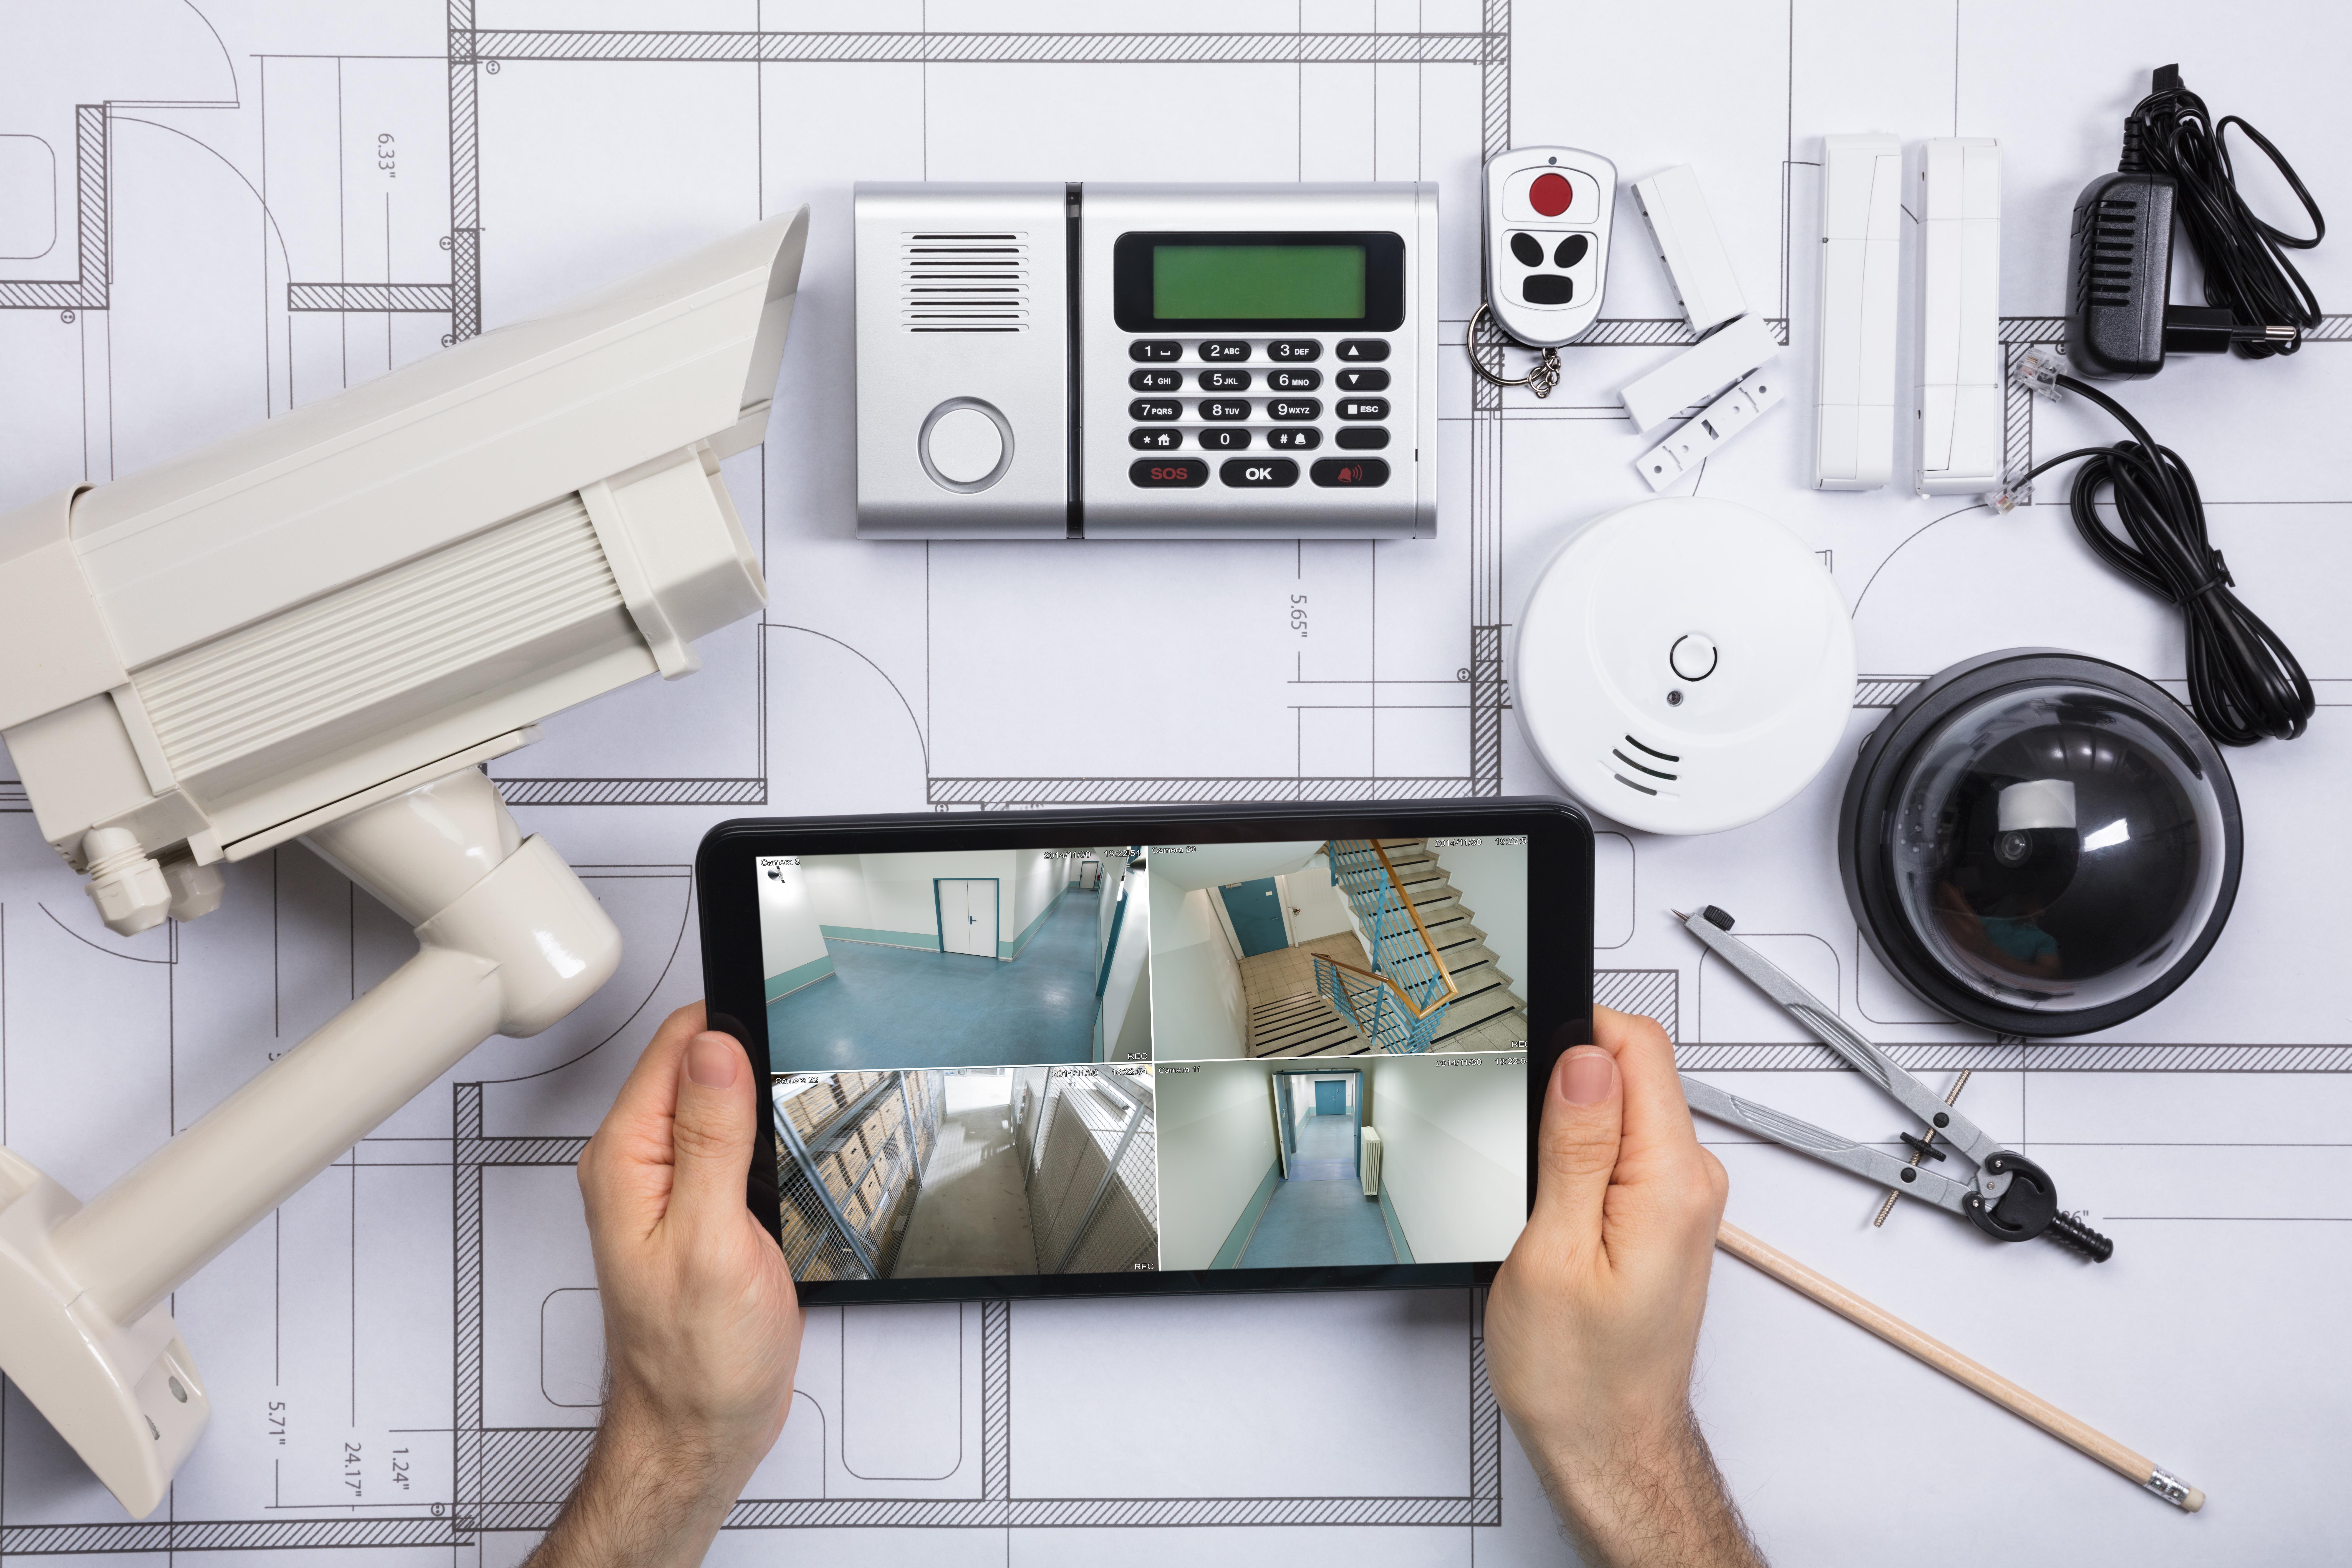 Kit básico de alarmes residenciais para proteger sua casa